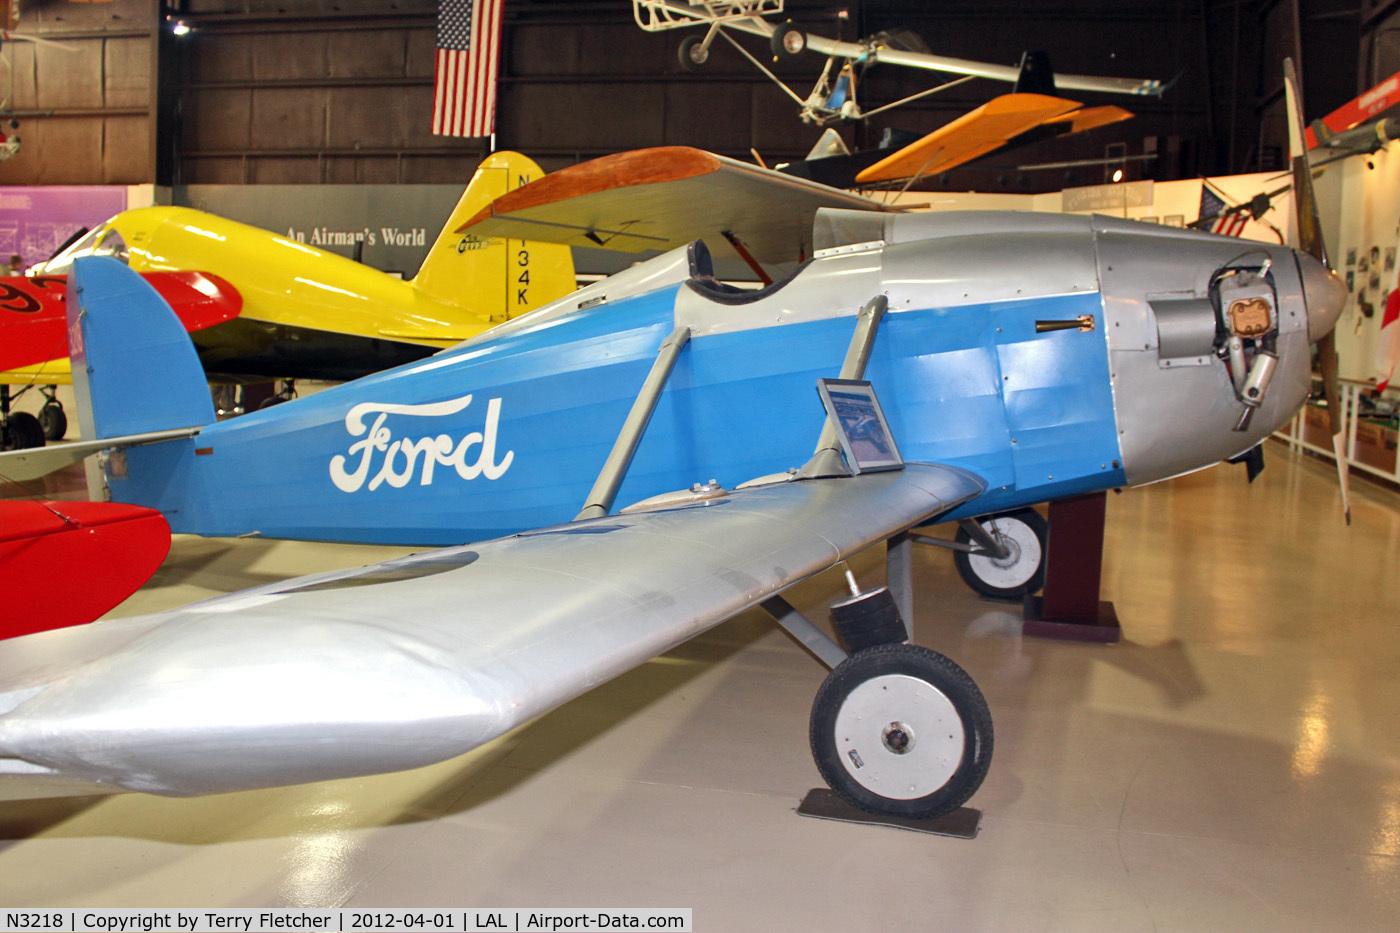 N3218, 1994 Ford Flivver Replica C/N FAHS-2, Displayed at Florida Air Museum